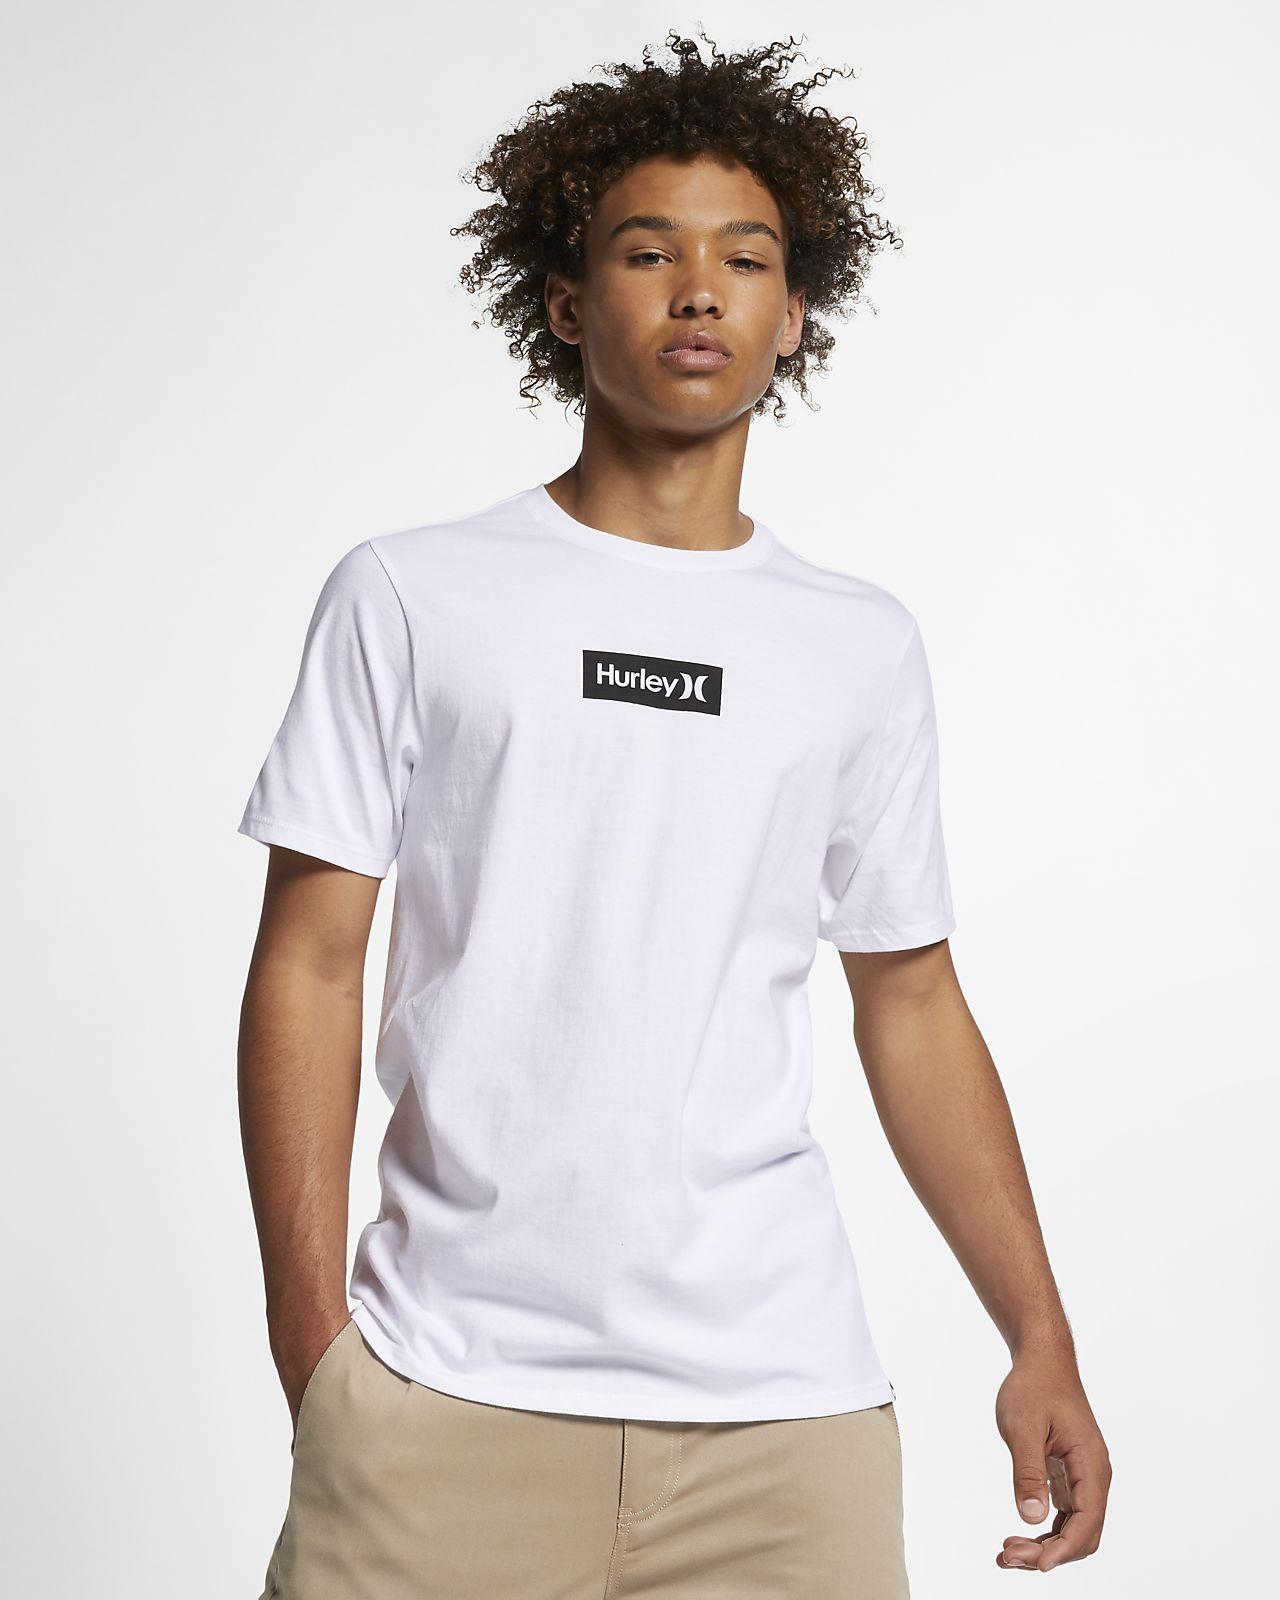 ハーレー プレミアム ワン アンド オンリー スモール ボックス メンズ Tシャツ